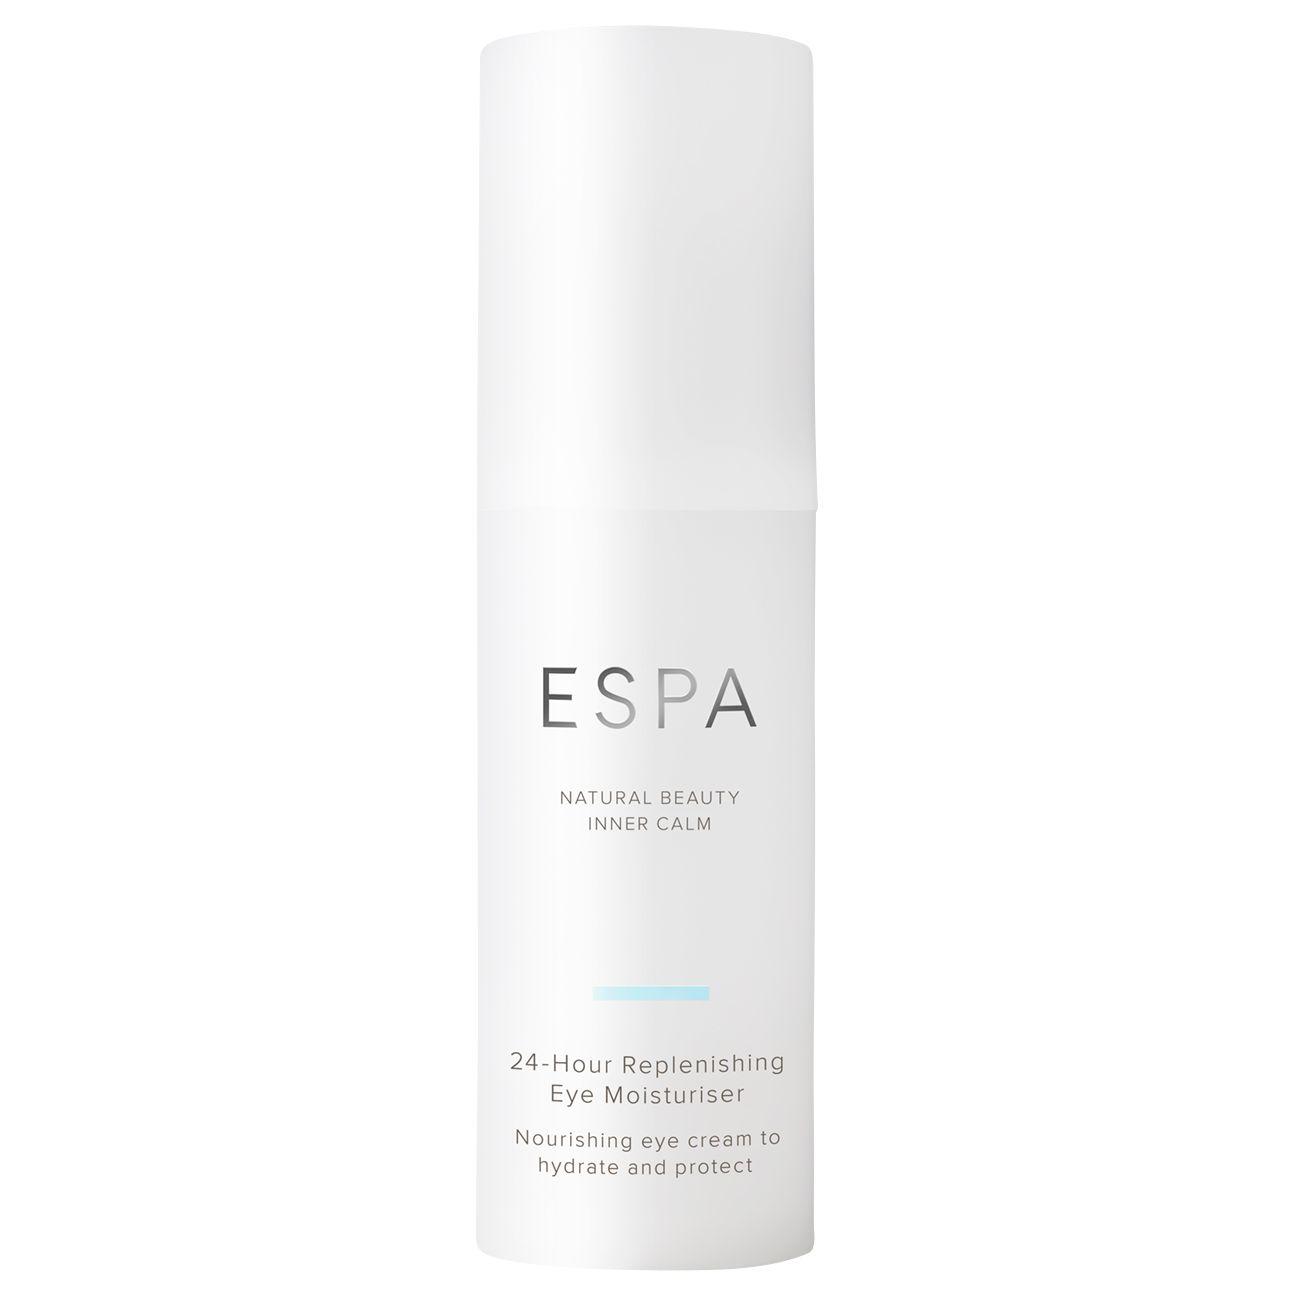 Espa eye cream